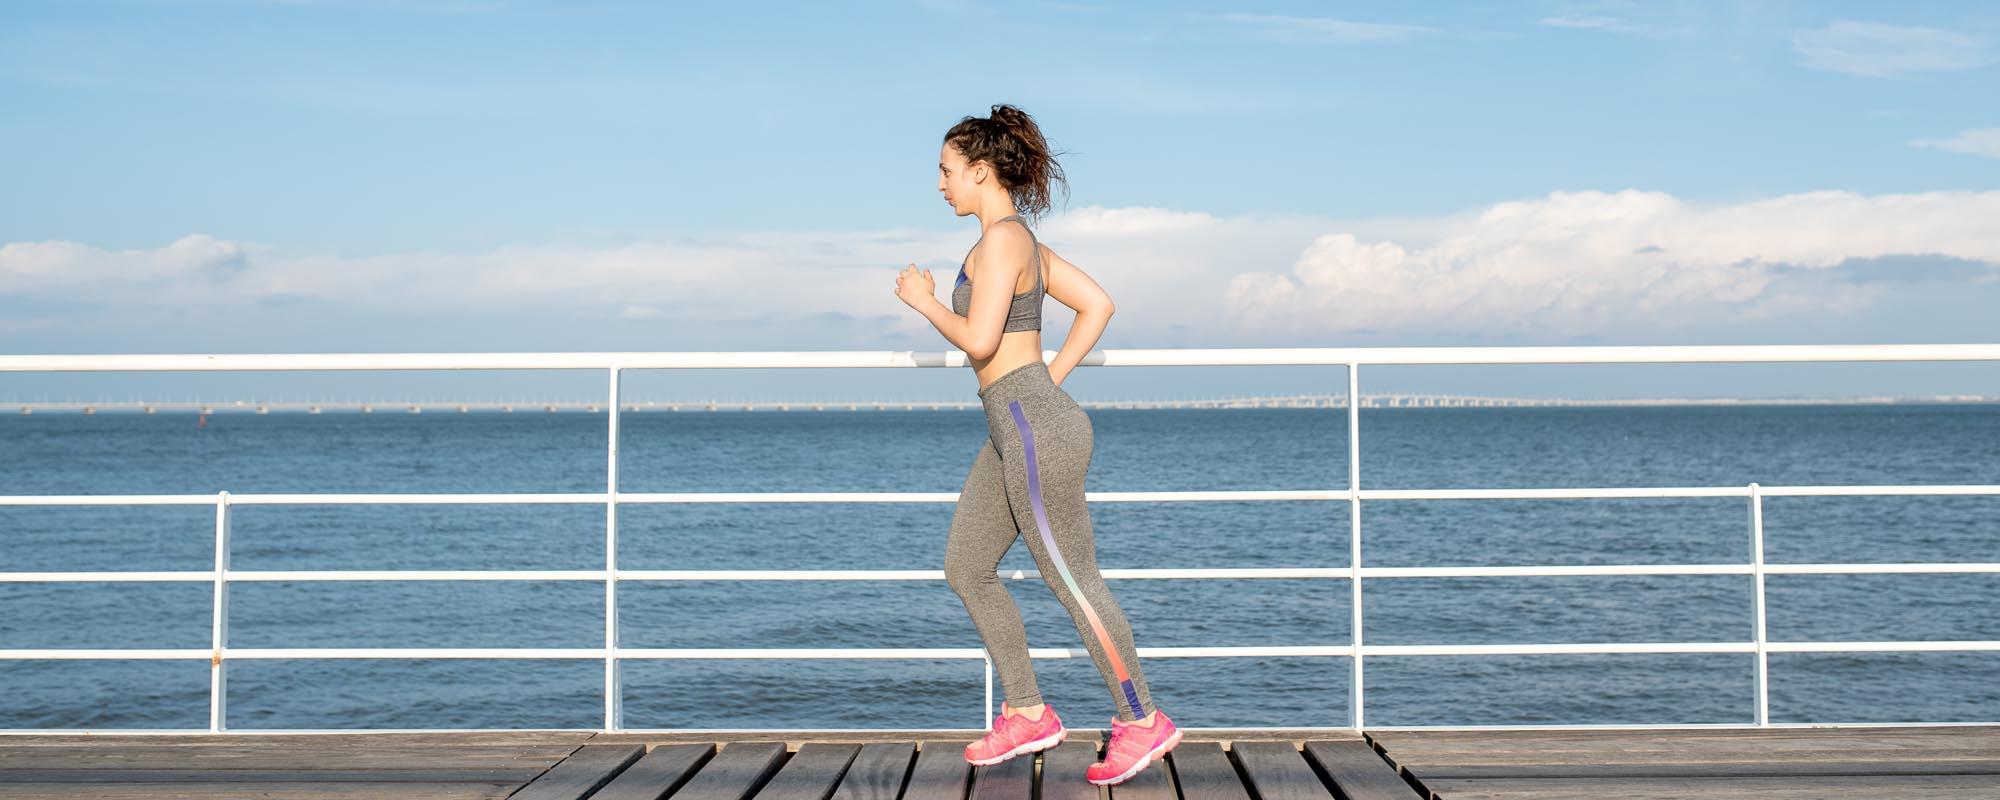 W trosce o dobrą formę – ruch i aktywność